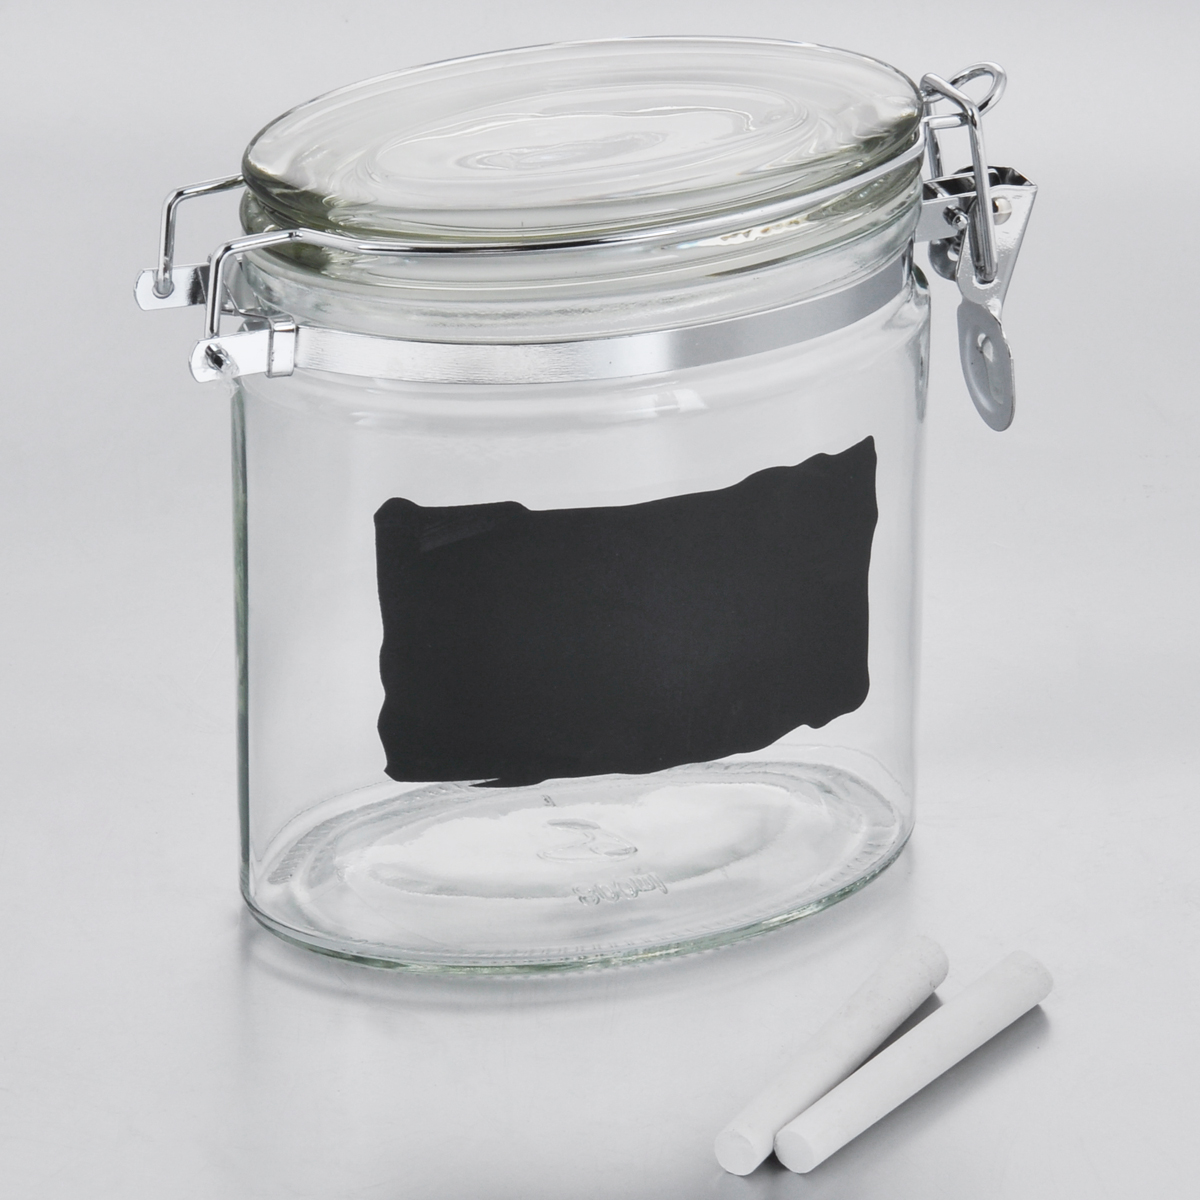 """Емкость для хранения Esprado """"Cristella"""" изготовлена из качественного прозрачного стекла,  отполированного до идеального блеска и гладкости. Изделие имеет овальную форму. Стекло  термостойкое, что позволяет использовать емкость Esprado при различных температурах (от -15° С до +100°С). Это делает ее функциональным и универсальным кухонным аксессуаром. Емкость  прекрасно подходит для хранения кофе, сахара, орехов, специй и других сыпучих продуктов.  Изделие оснащено крышкой с силиконовой прослойкой, которая плотно закрывается  металлическим зажимом. Это обеспечивает герметичность и  дольше сохраняет продукты свежими. На внешней стенке имеется доска, на которой можно  записать название продуктов (2 мелка в комплекте).  Благодаря различным дизайнерским решениям такая емкость дополнит и украсит интерьер  любой кухни.  Емкости для хранения из коллекции Cristella разработаны на основе эргономичных дизайнерских  решений, которые позволяют максимально эффективно и рационально использовать кухонные  поверхности. Благодаря универсальному внешнему виду, они будут привлекательно смотреться в  интерьере любой кухни.  Емкости для хранения незаменимы на кухне: они помогают сохранить свежесть продуктов,  защищают от попадания излишней влаги и позволяют эффективно использовать ограниченное  кухонное пространство.  Не использовать в духовом шкафу, микроволновой печи и посудомоечной машине."""